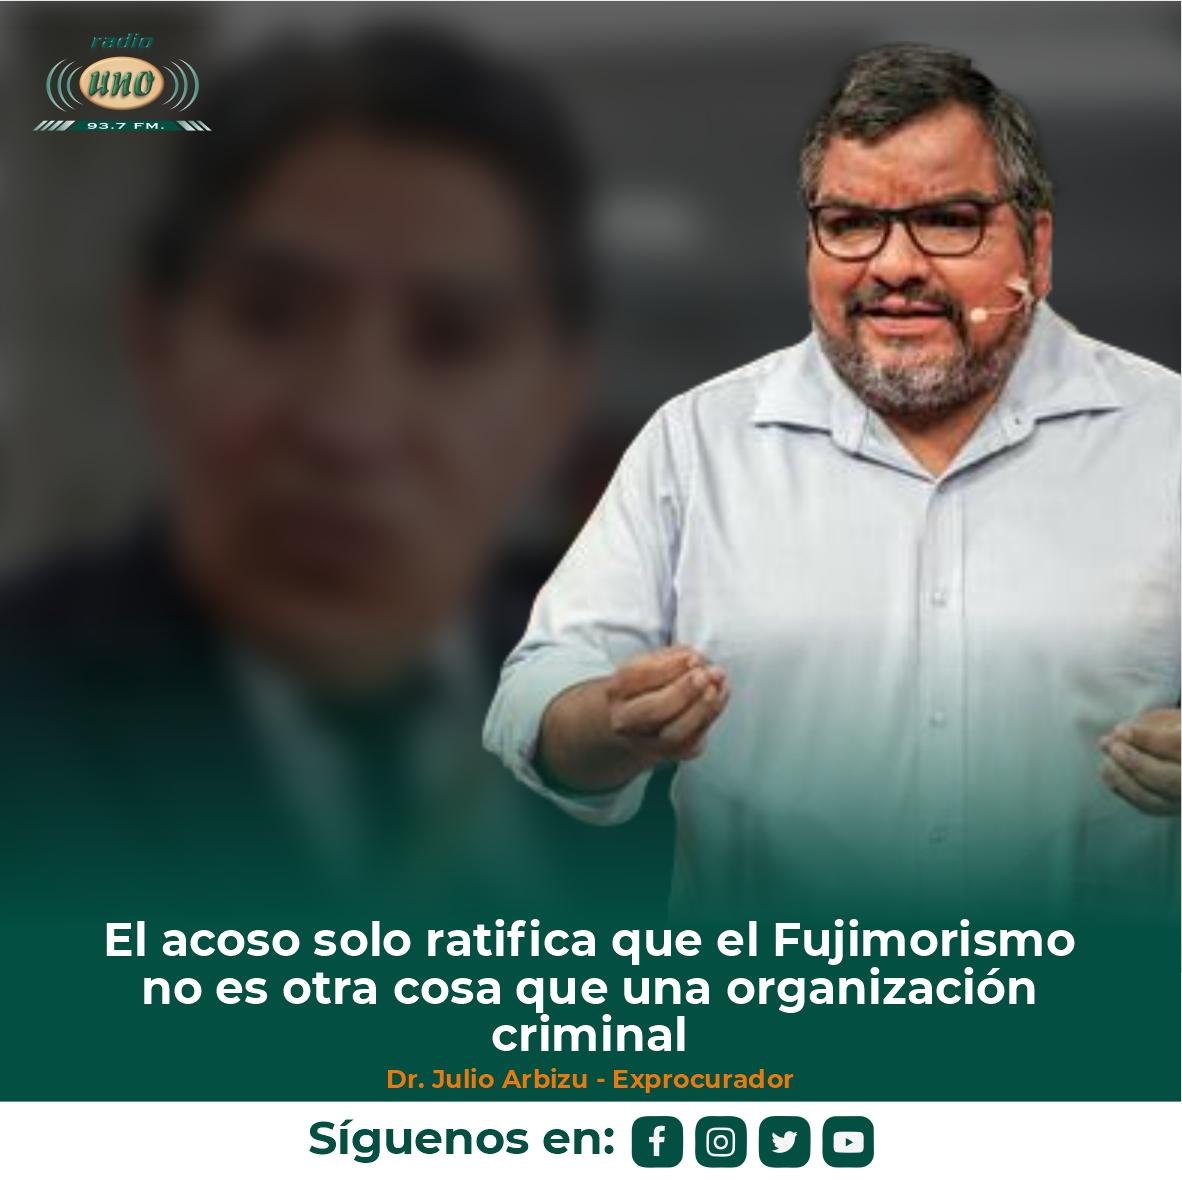 El acoso solo ratifica que el Fujimorismo no es otra cosa que una organización criminal